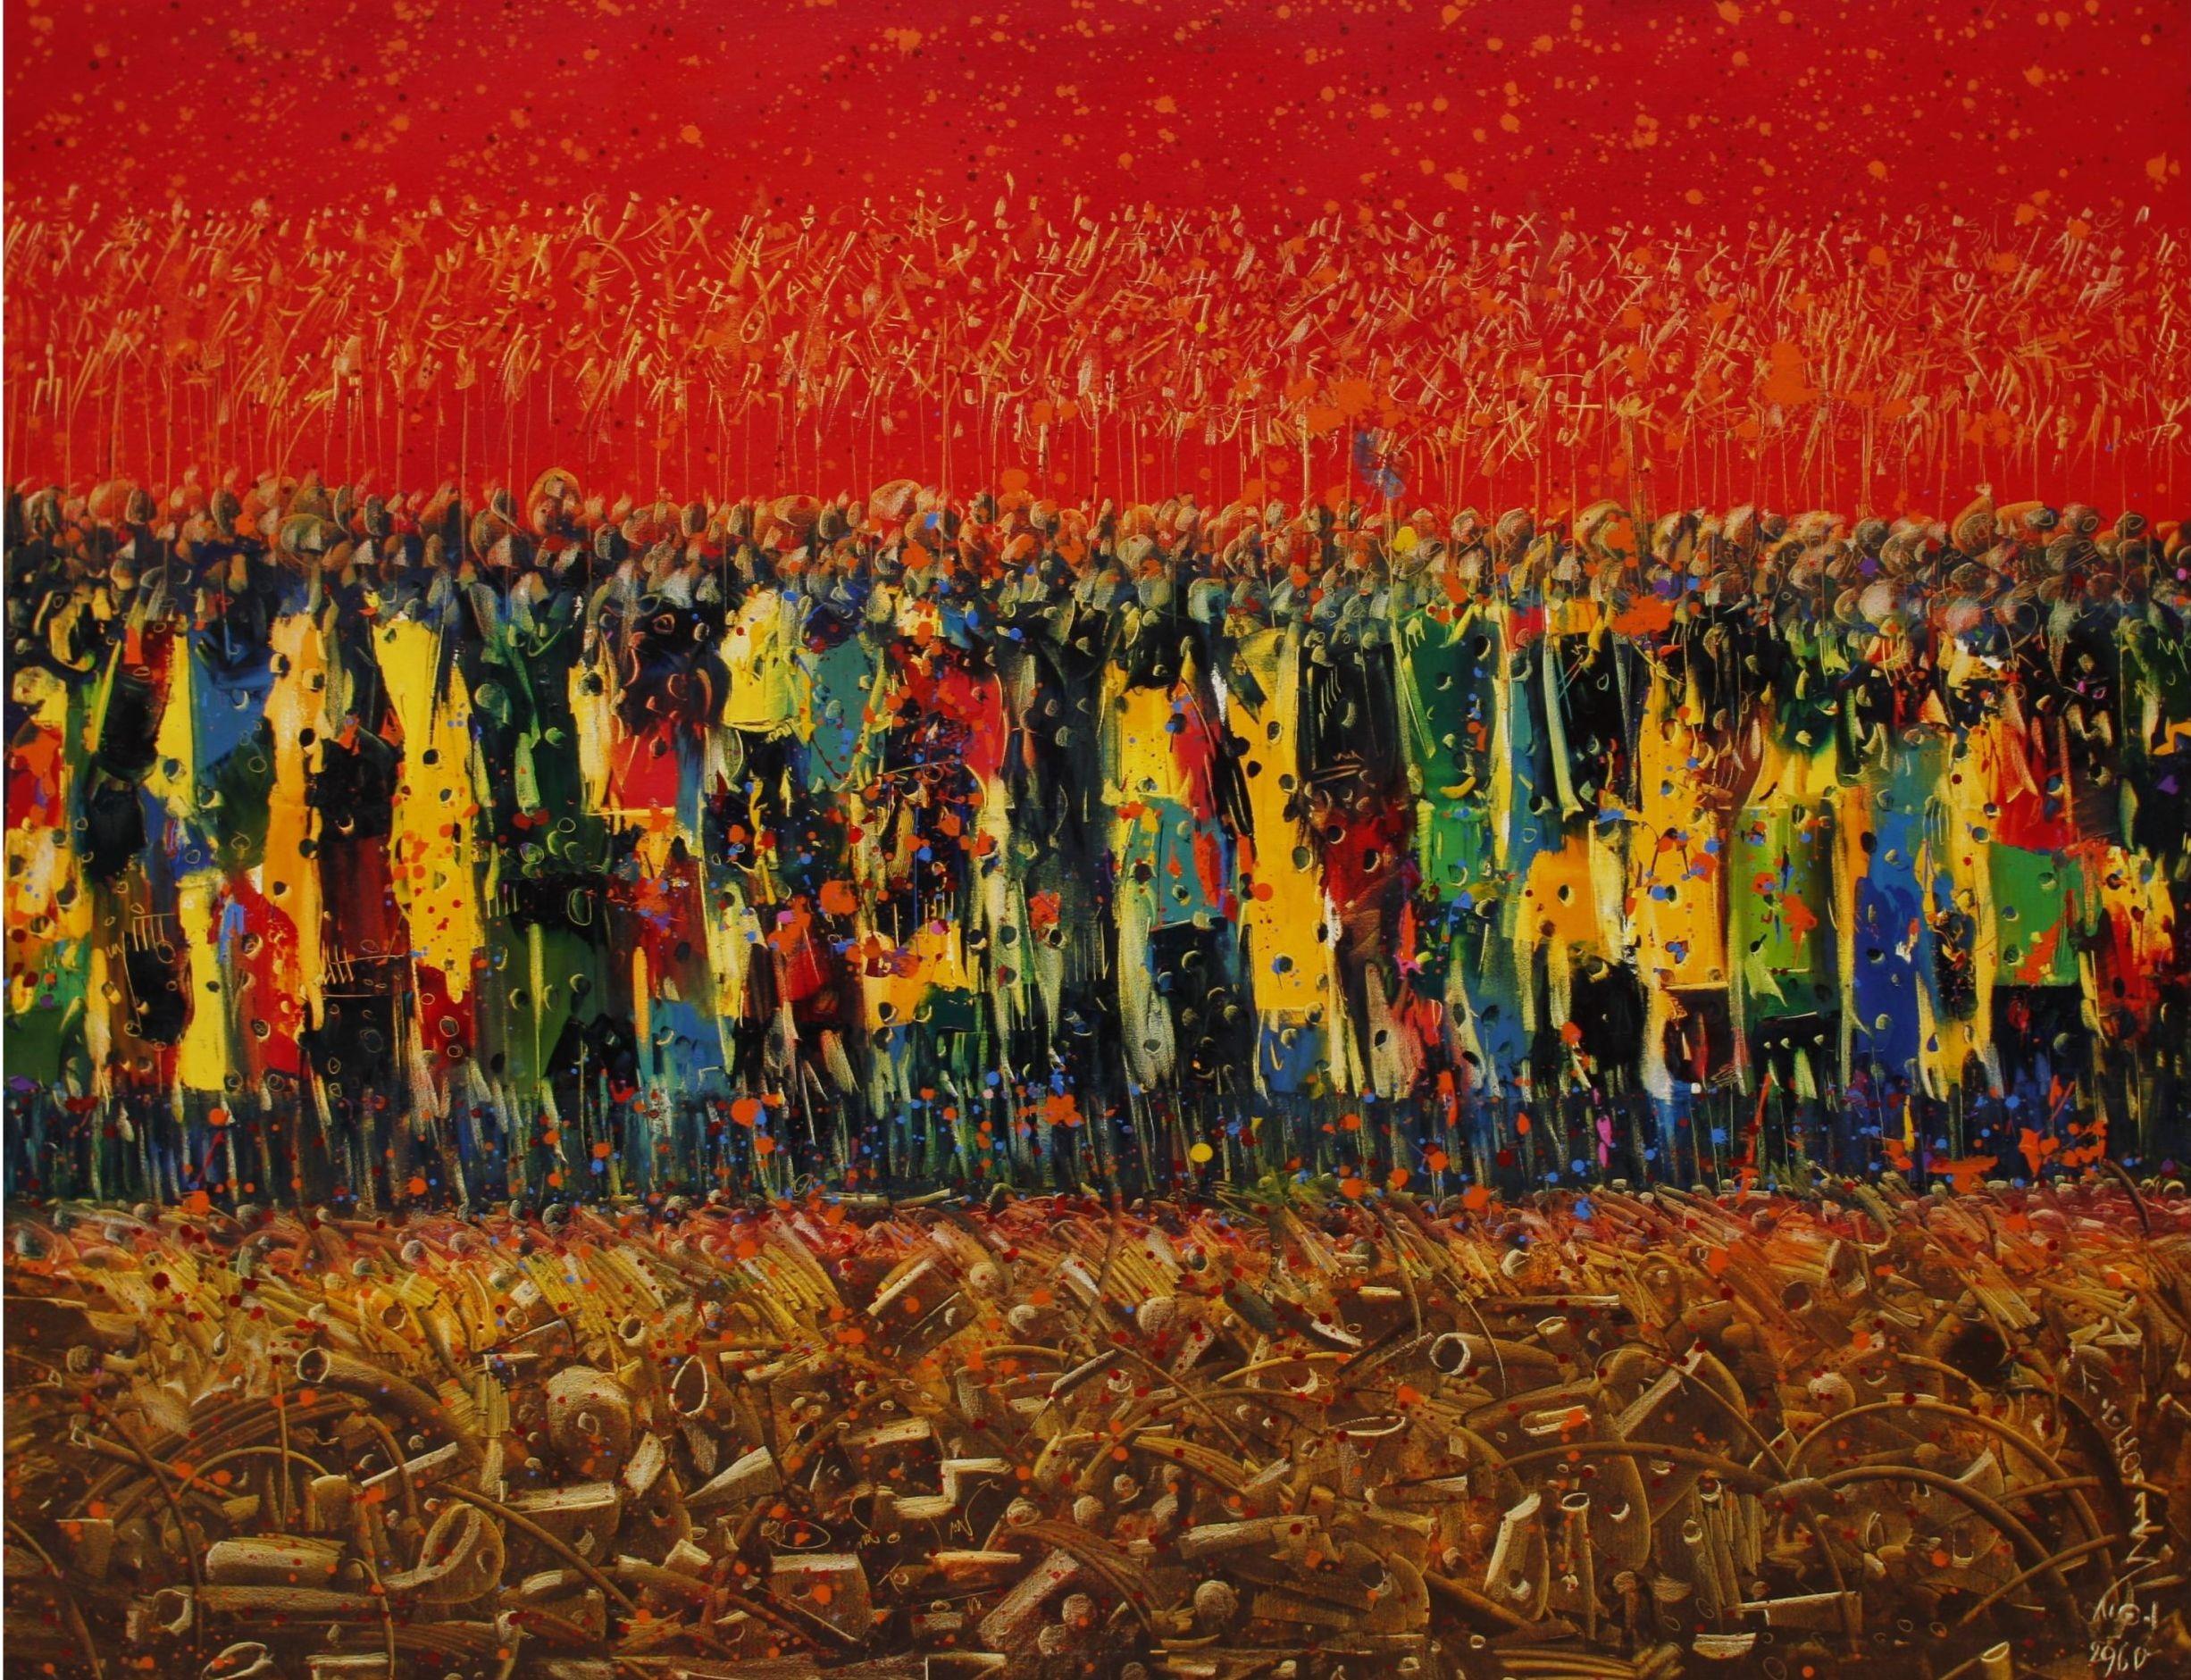 Chlag Amraoui, Tempête du printemps, huile sur toile, 180 x 150cm, 2009